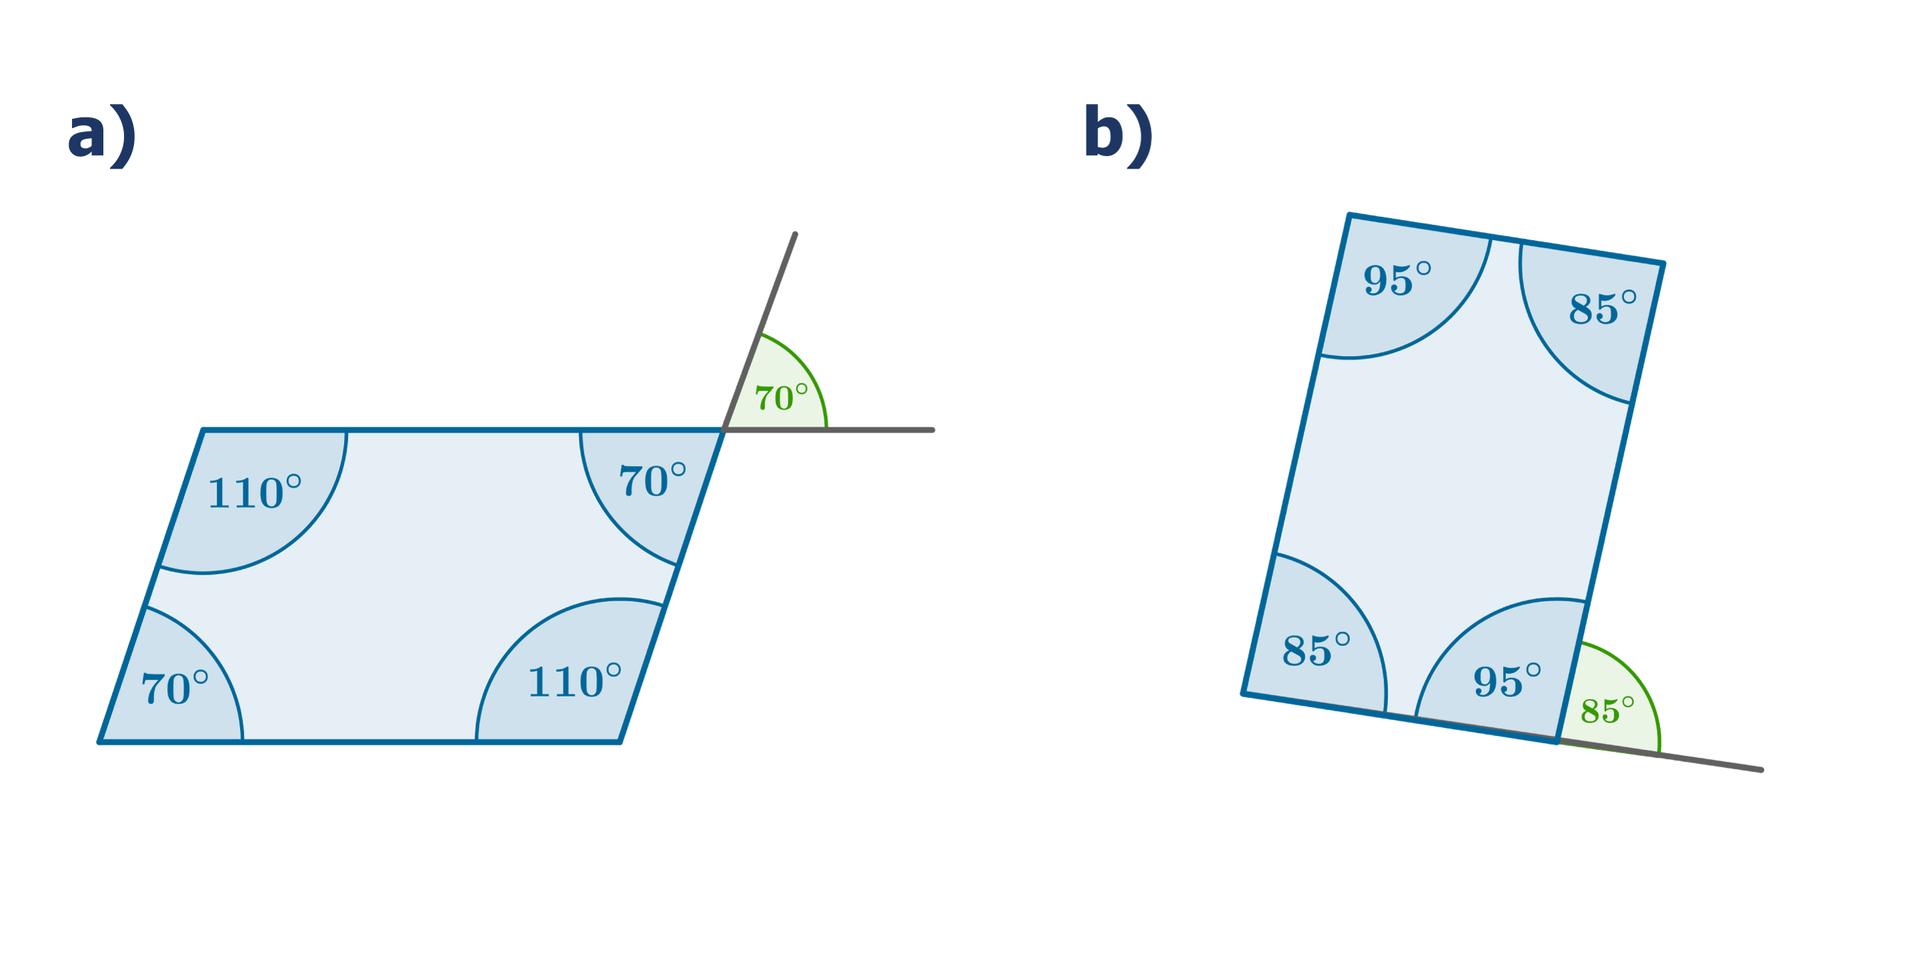 Rysunki równoległoboków, które są rozwiązaniem zadania. Kąty wewnętrzne pierwszego równoległoboku: 110 stopni, 70 stopni, 110 stopni, 70 stopni. Kąty wewnętrzne drugiego równoległoboku: 95 stopni, 85 stopni, 95 stopni, 85 stopni.